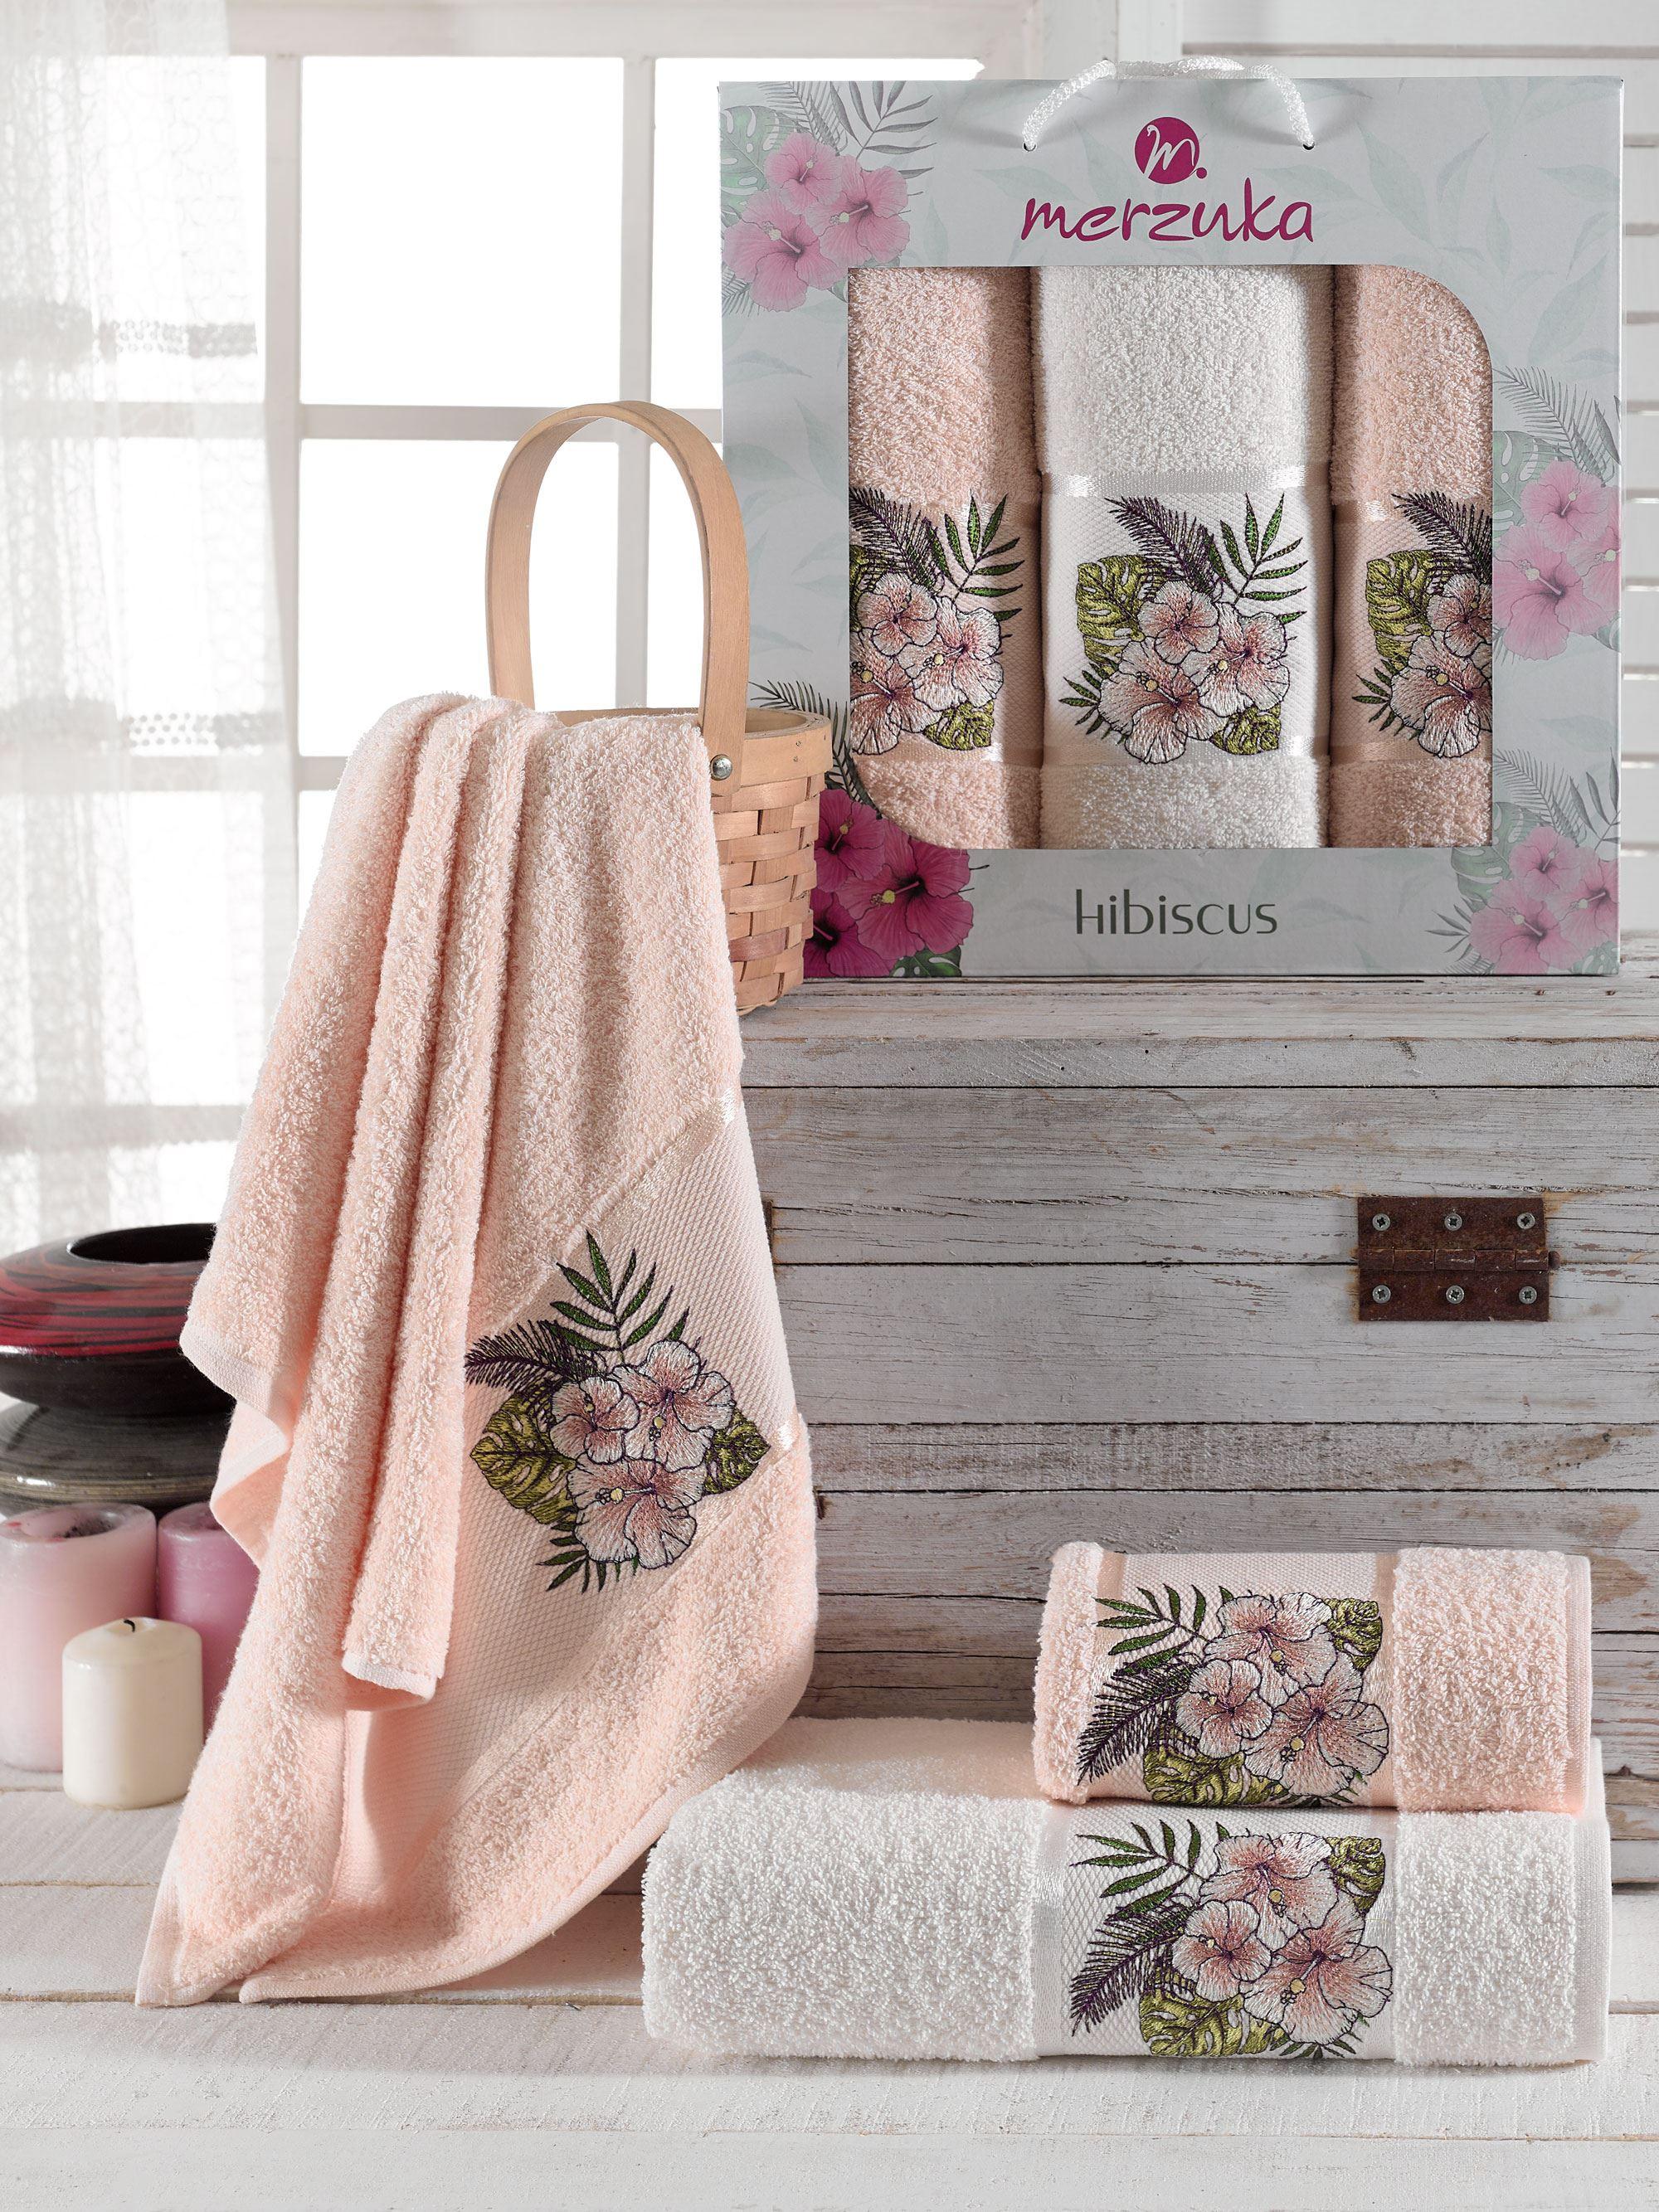 Купить Полотенца Oran Merzuka, Полотенце Hibiscus Цвет: Пудра (50х80 см - 2 шт, 70х130 см), Турция, Махра